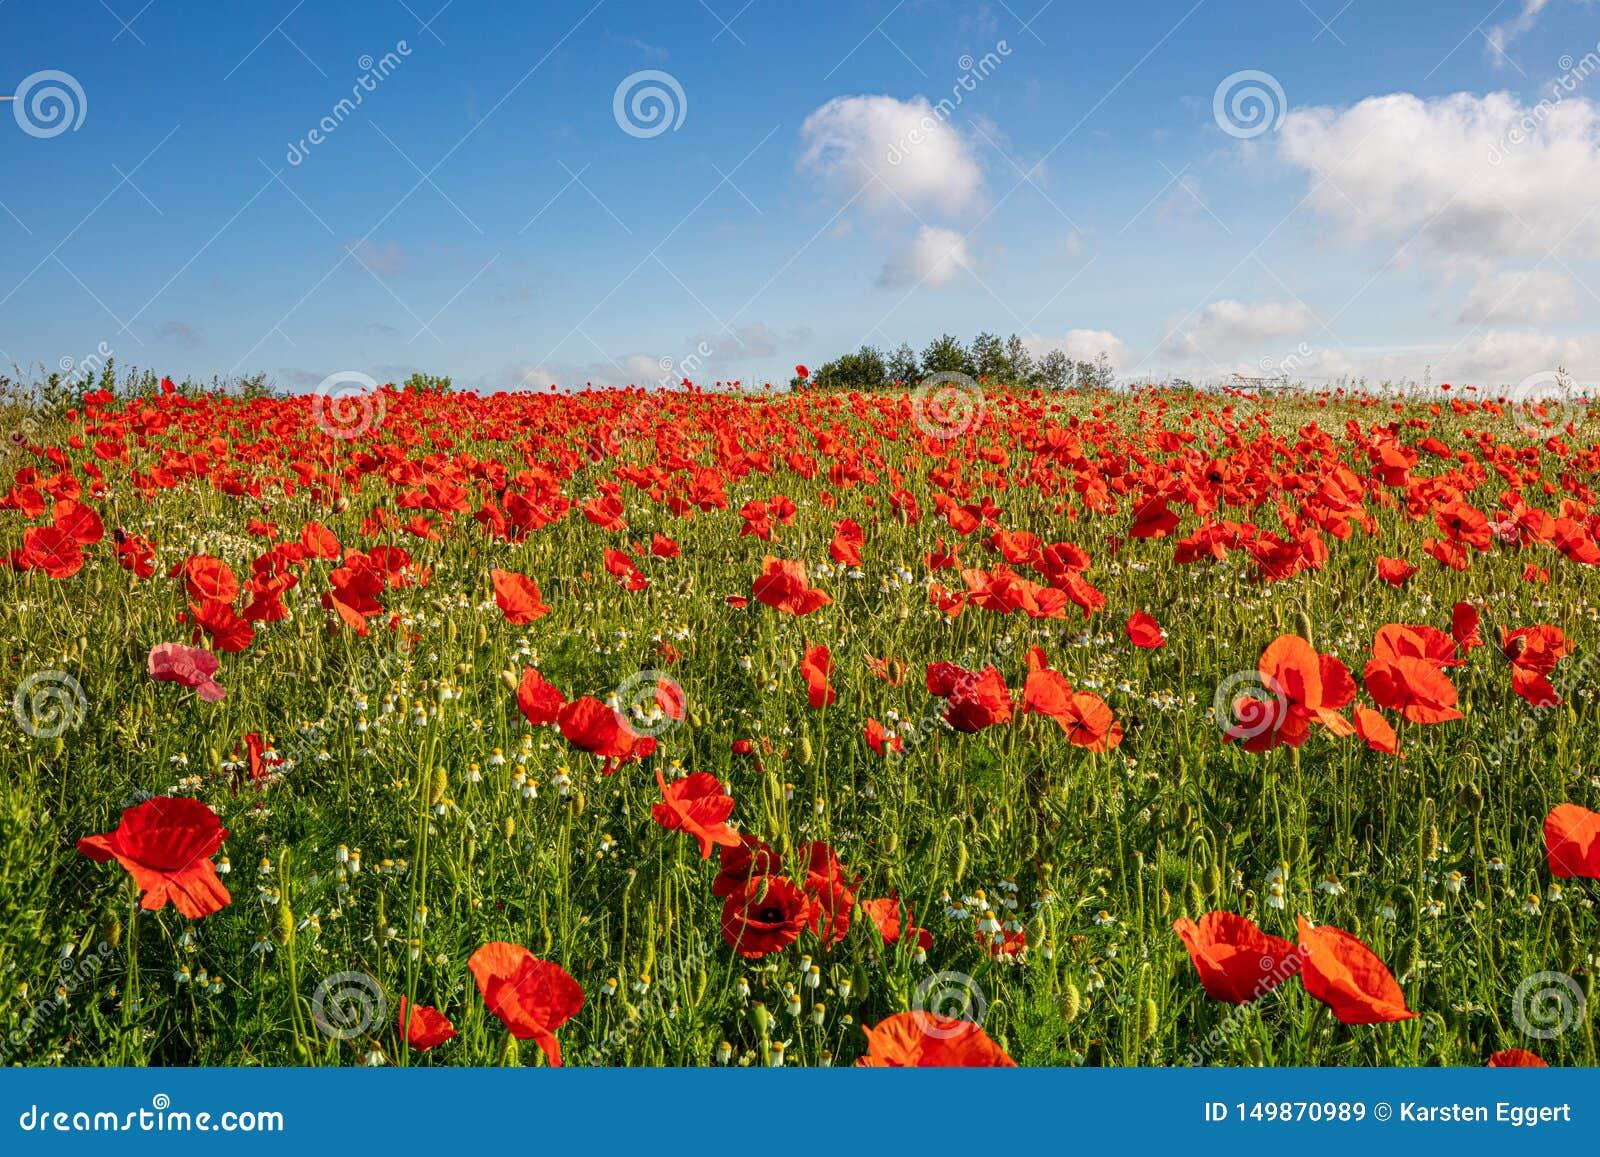 Tysiące czerwoni maczki stoi na łące słońce błyszczą i tam są biali chmury w niebieskim niebie